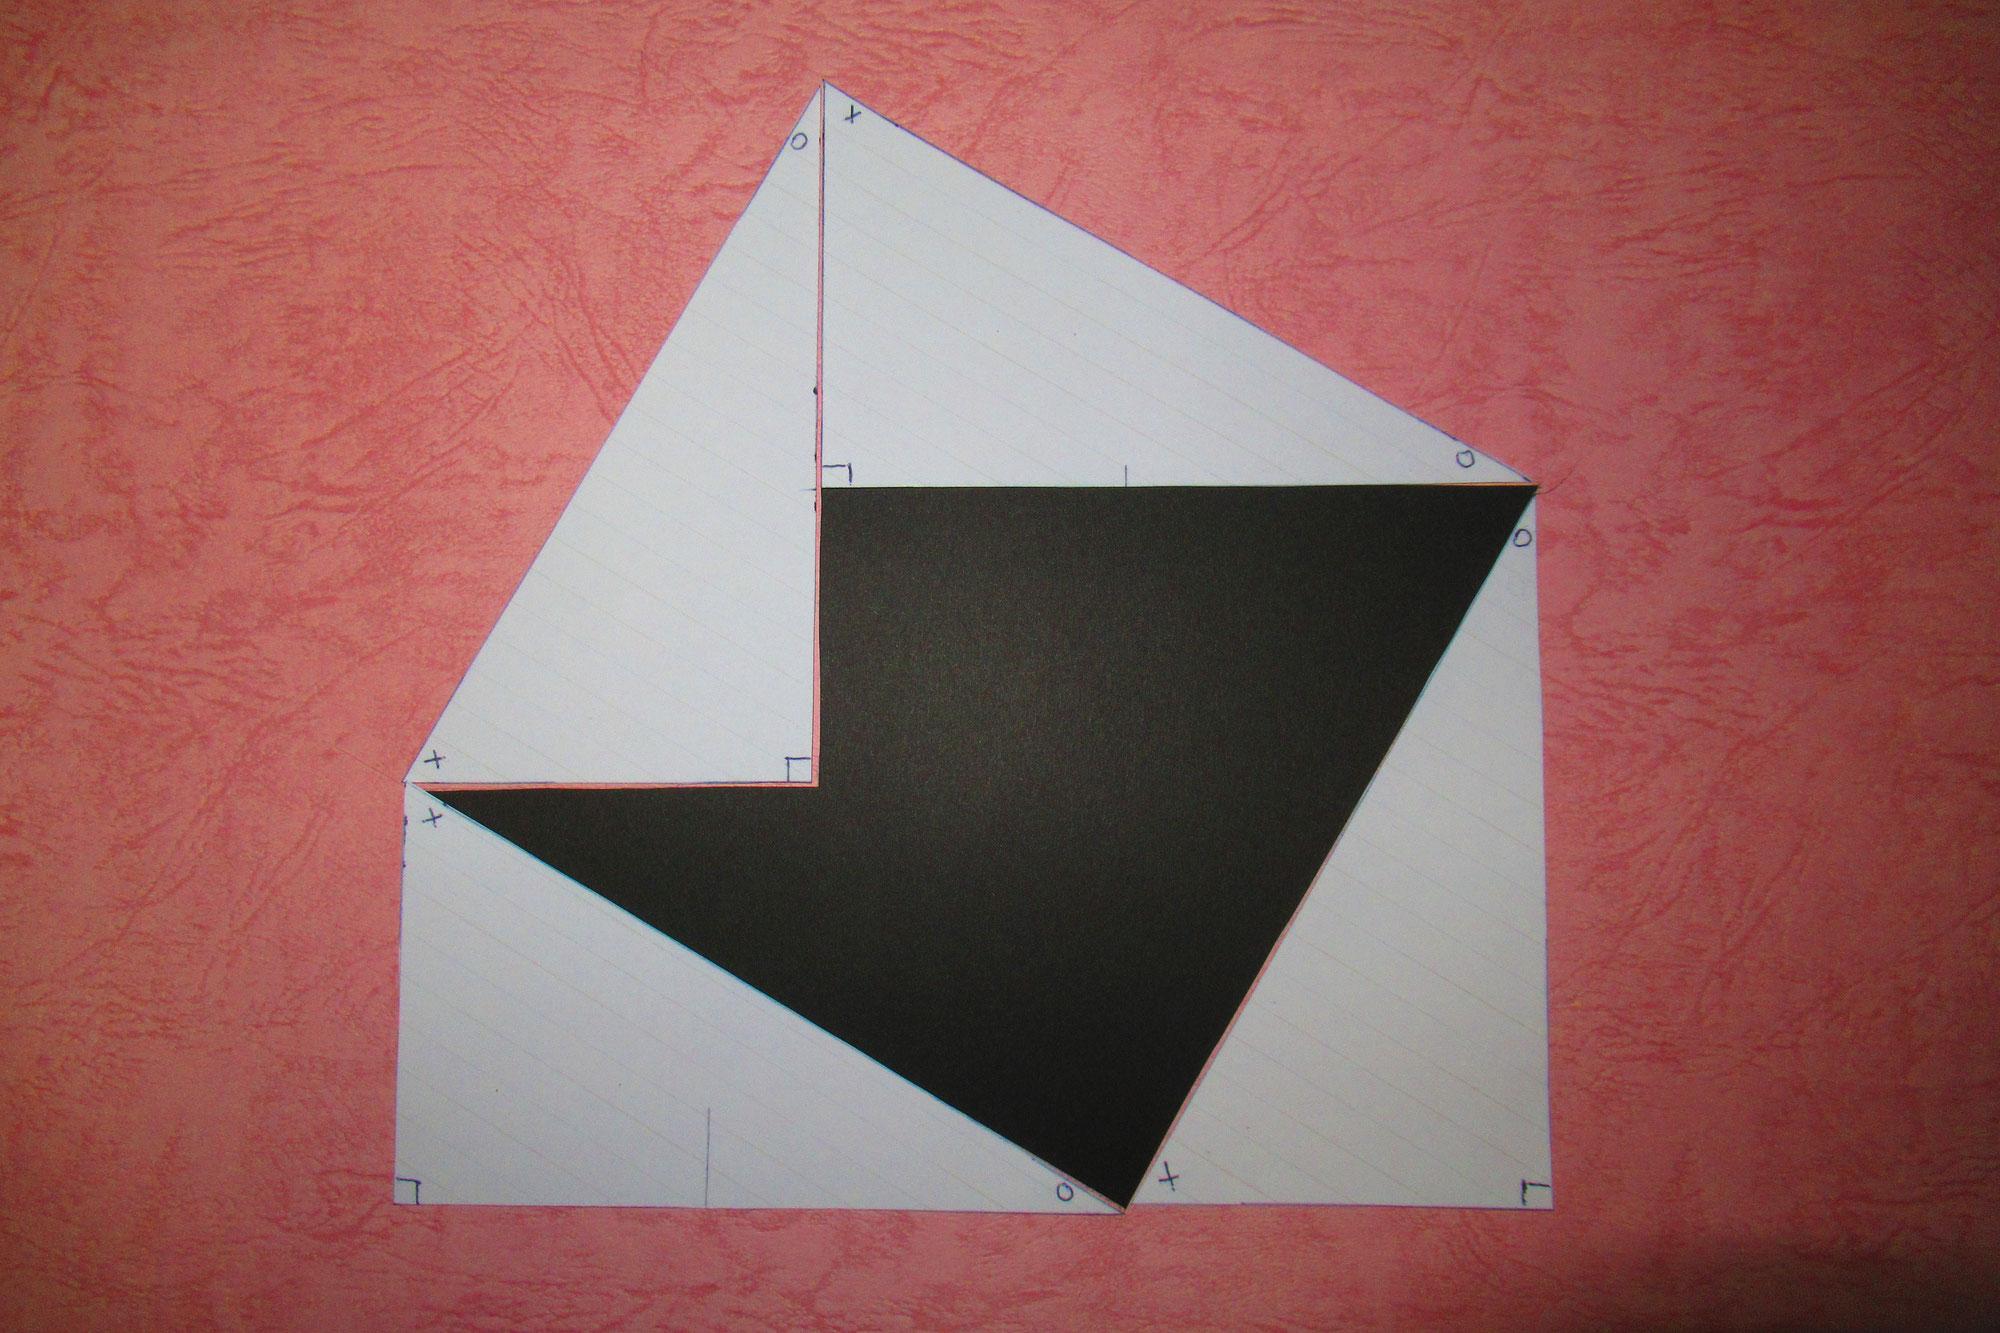 三平方の定理の証明…!?(その2)(第5話)